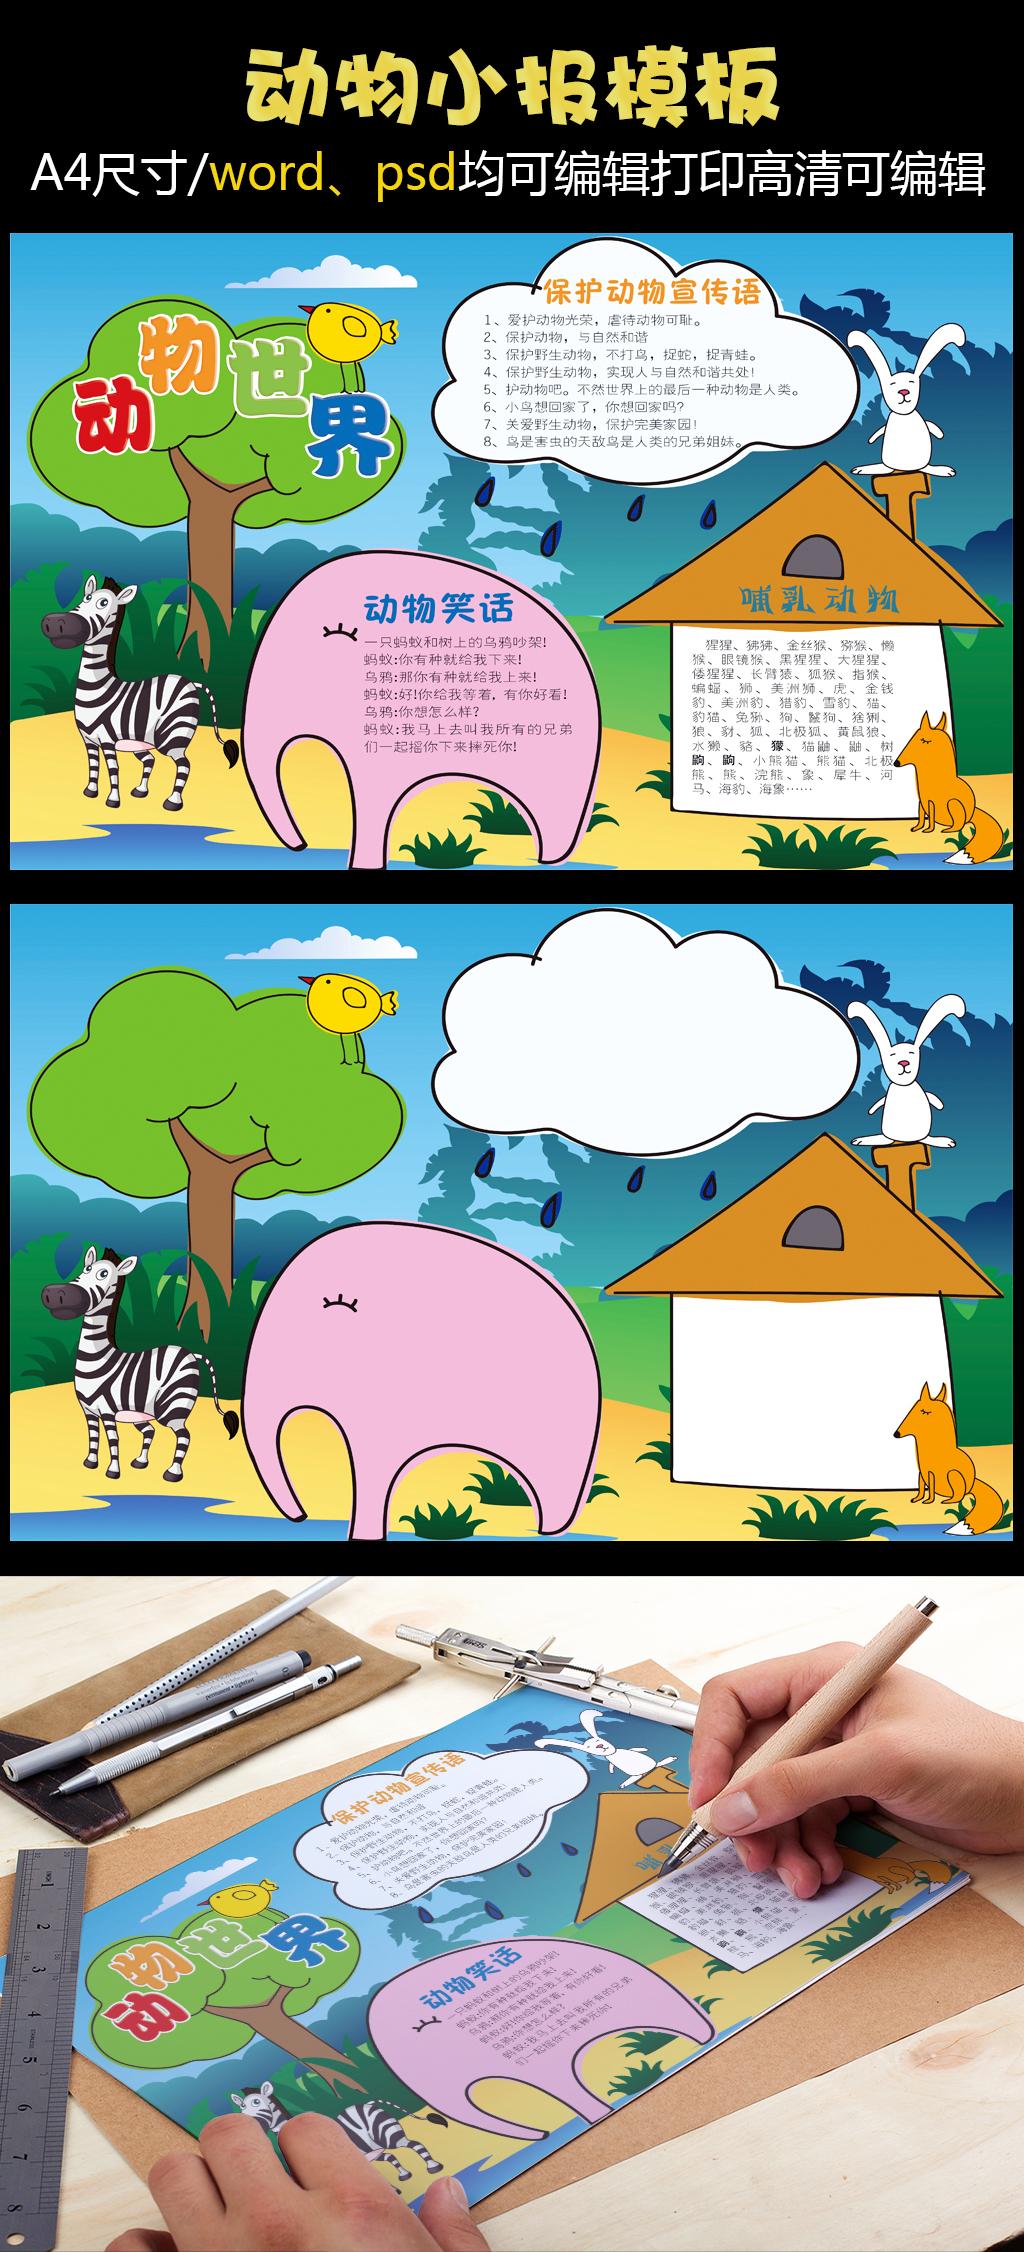 原创设计爱护动物小报动物世界手抄报